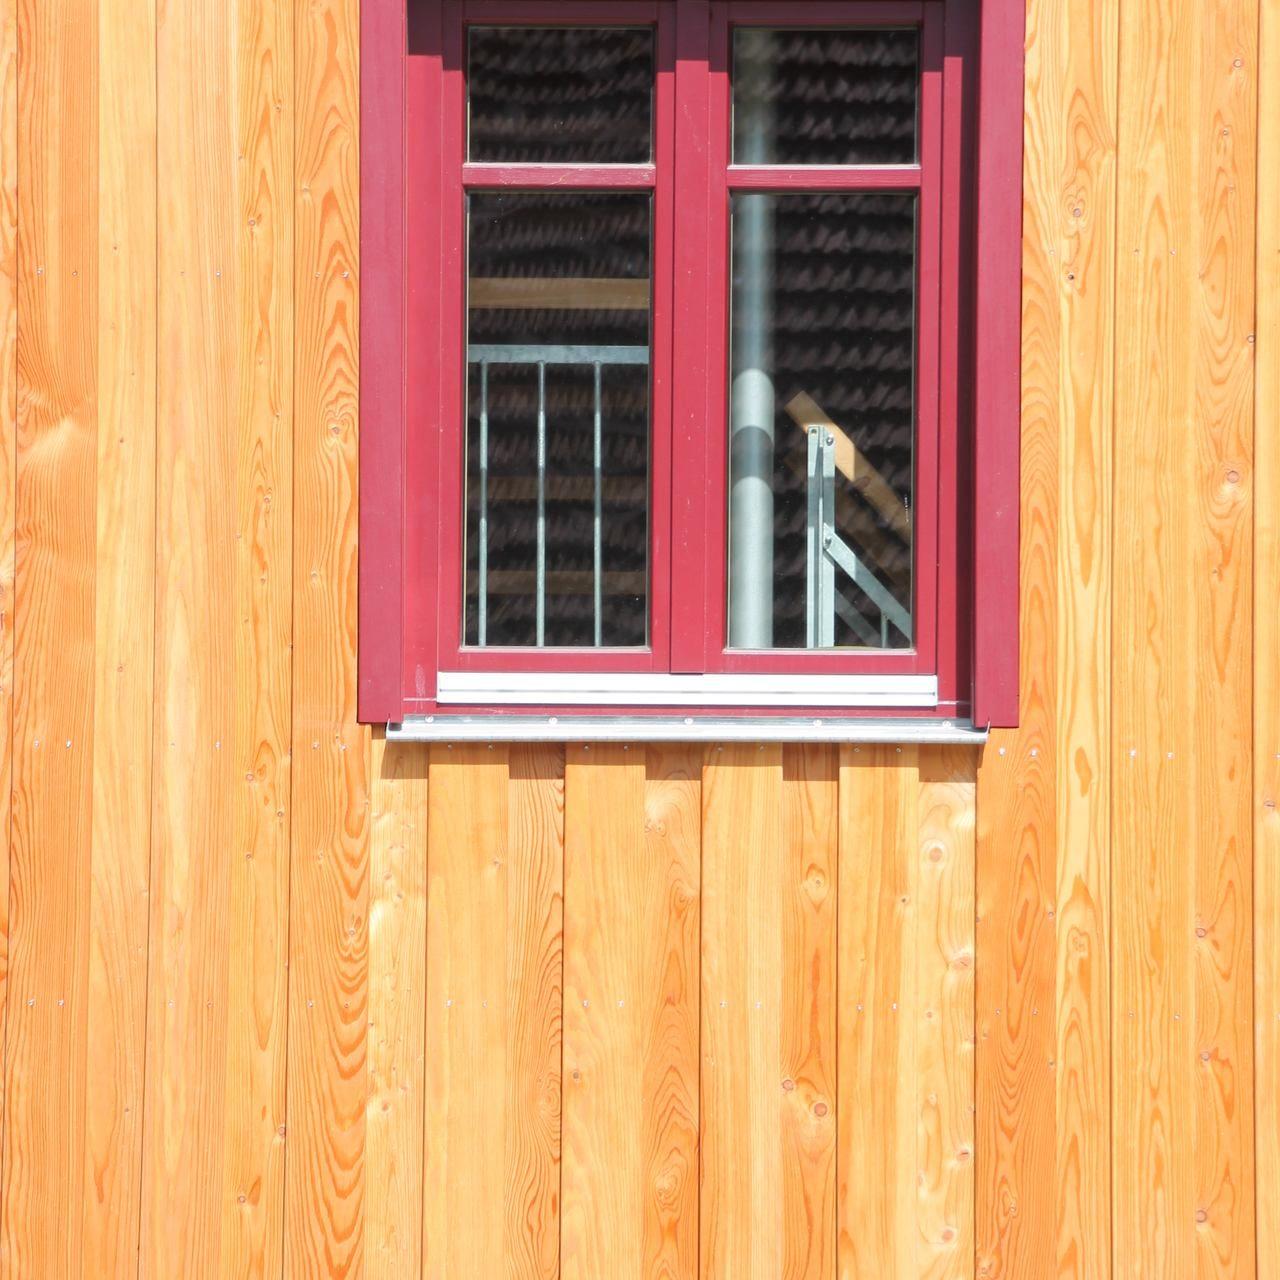 Brettverschaltung mit Fenster Detailaufnahme